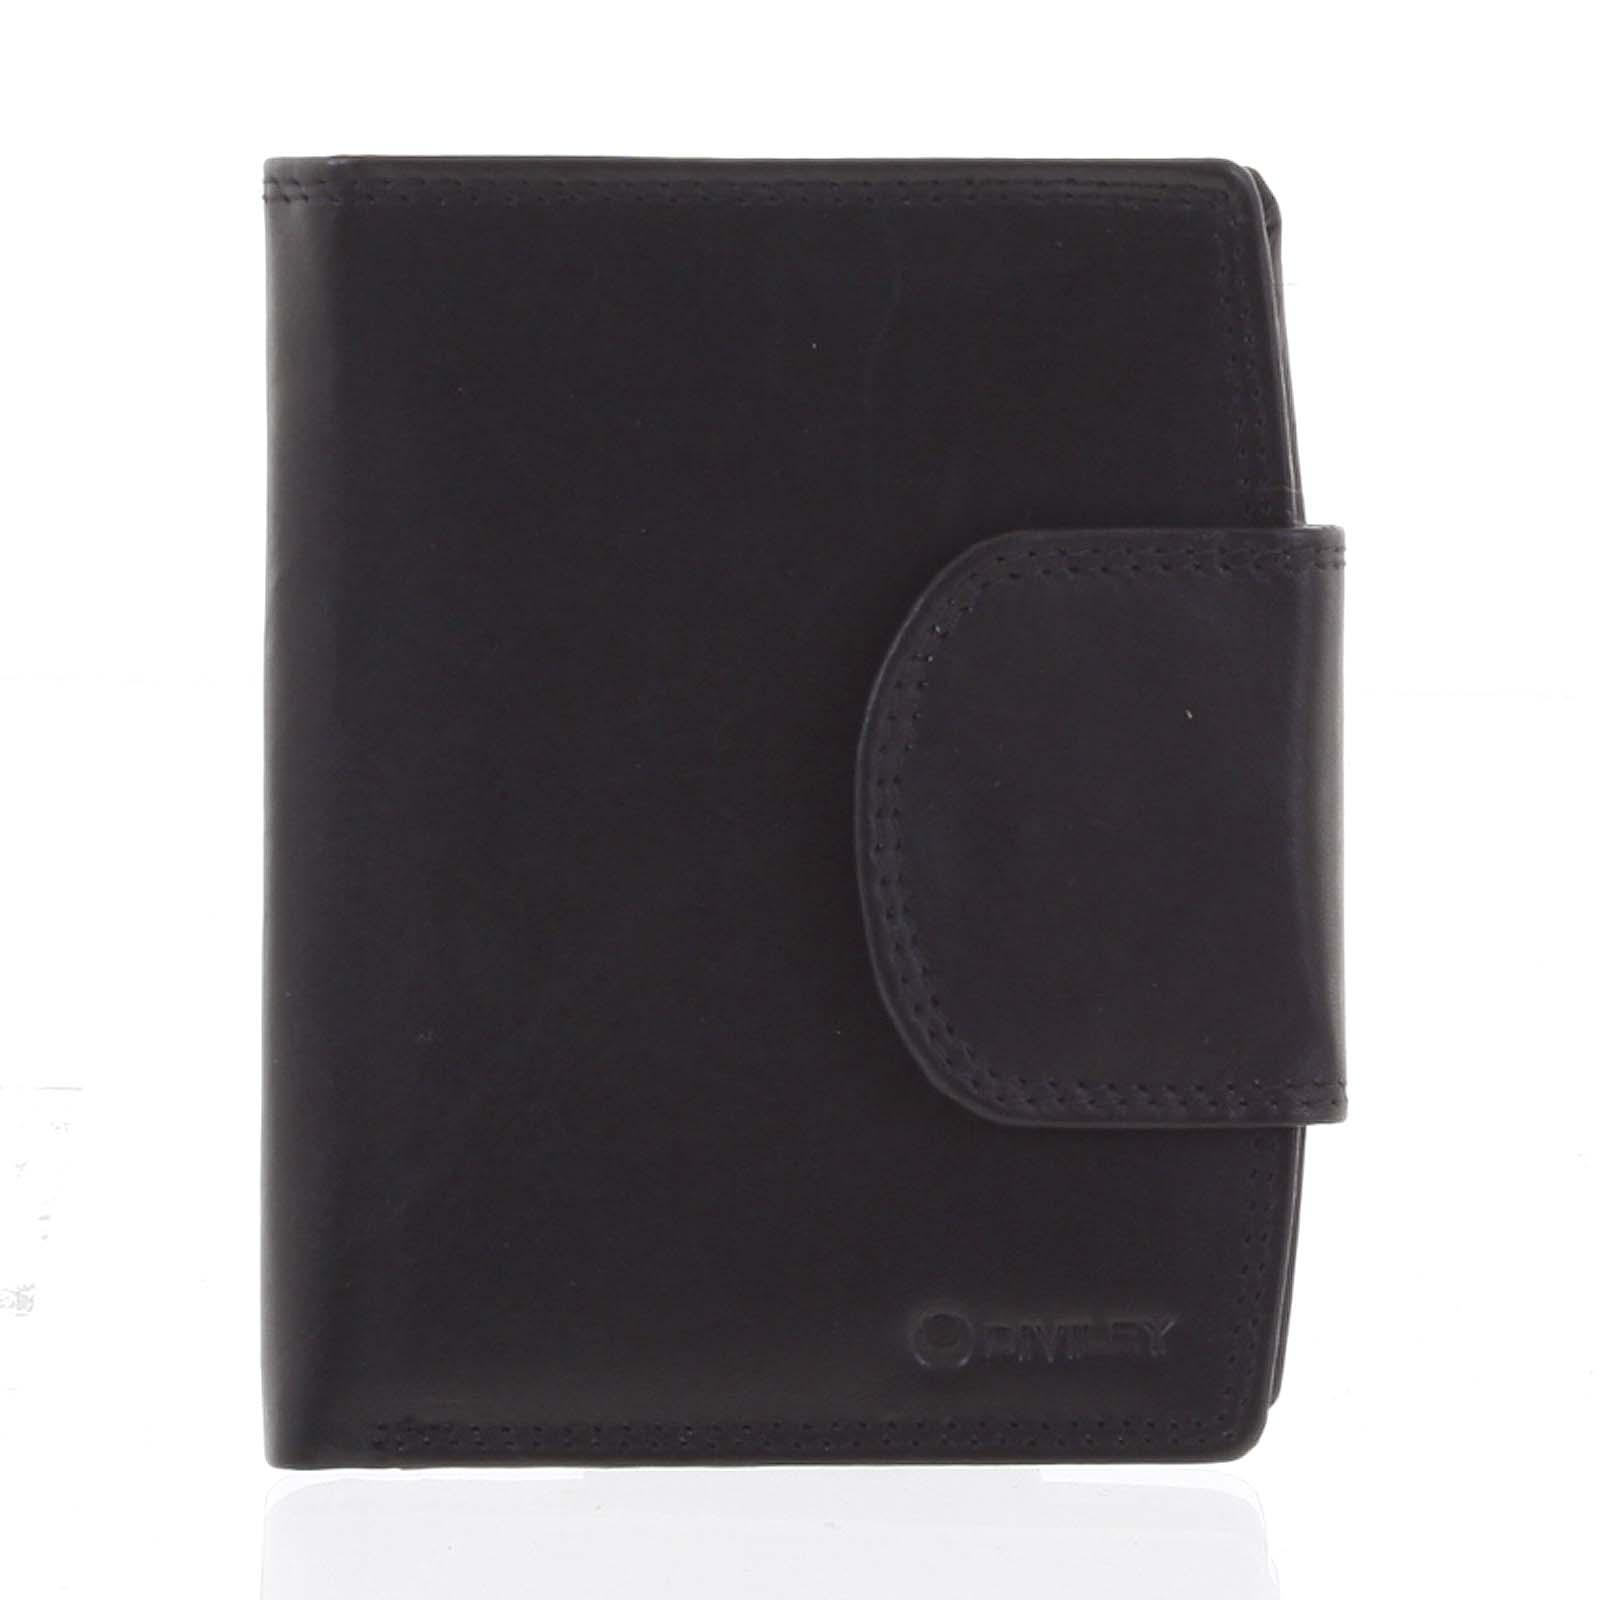 Elegantní černá kožená peněženka se zápinkou - Diviley Universit